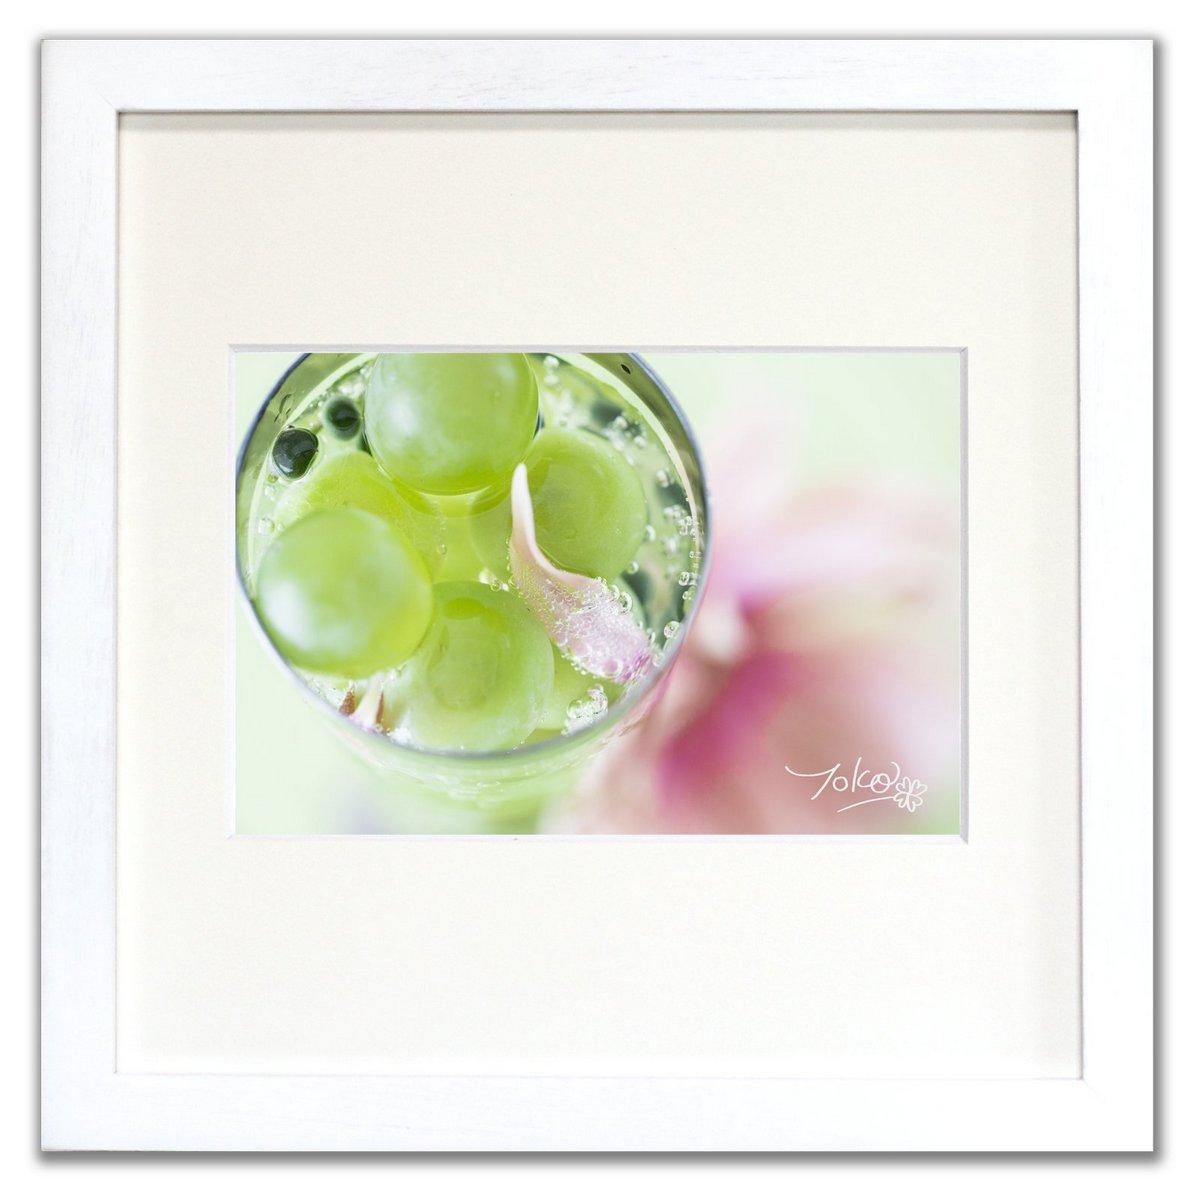 《ジクレー版画》Daisy and Berries_glass (デイジー&ベリー_グラス)〔竹内陽子〕/リビングを華やかに彩るインテリア。絵画のようなフラワーフォト